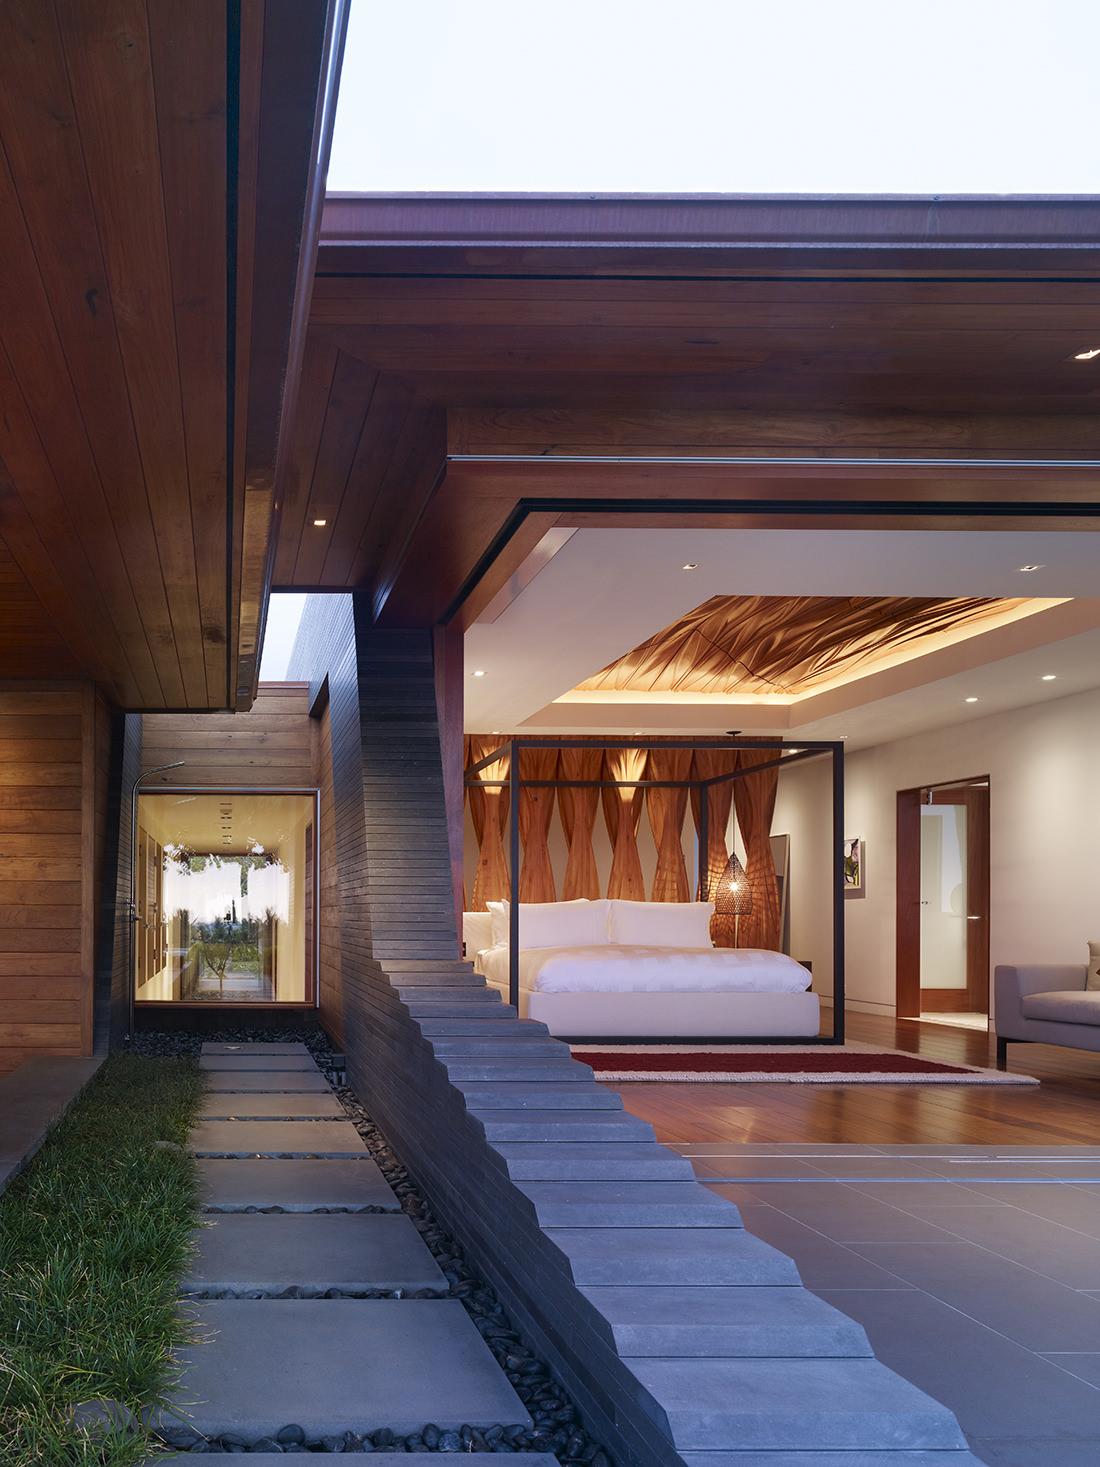 The Kona Residence By Belzberg Architects An